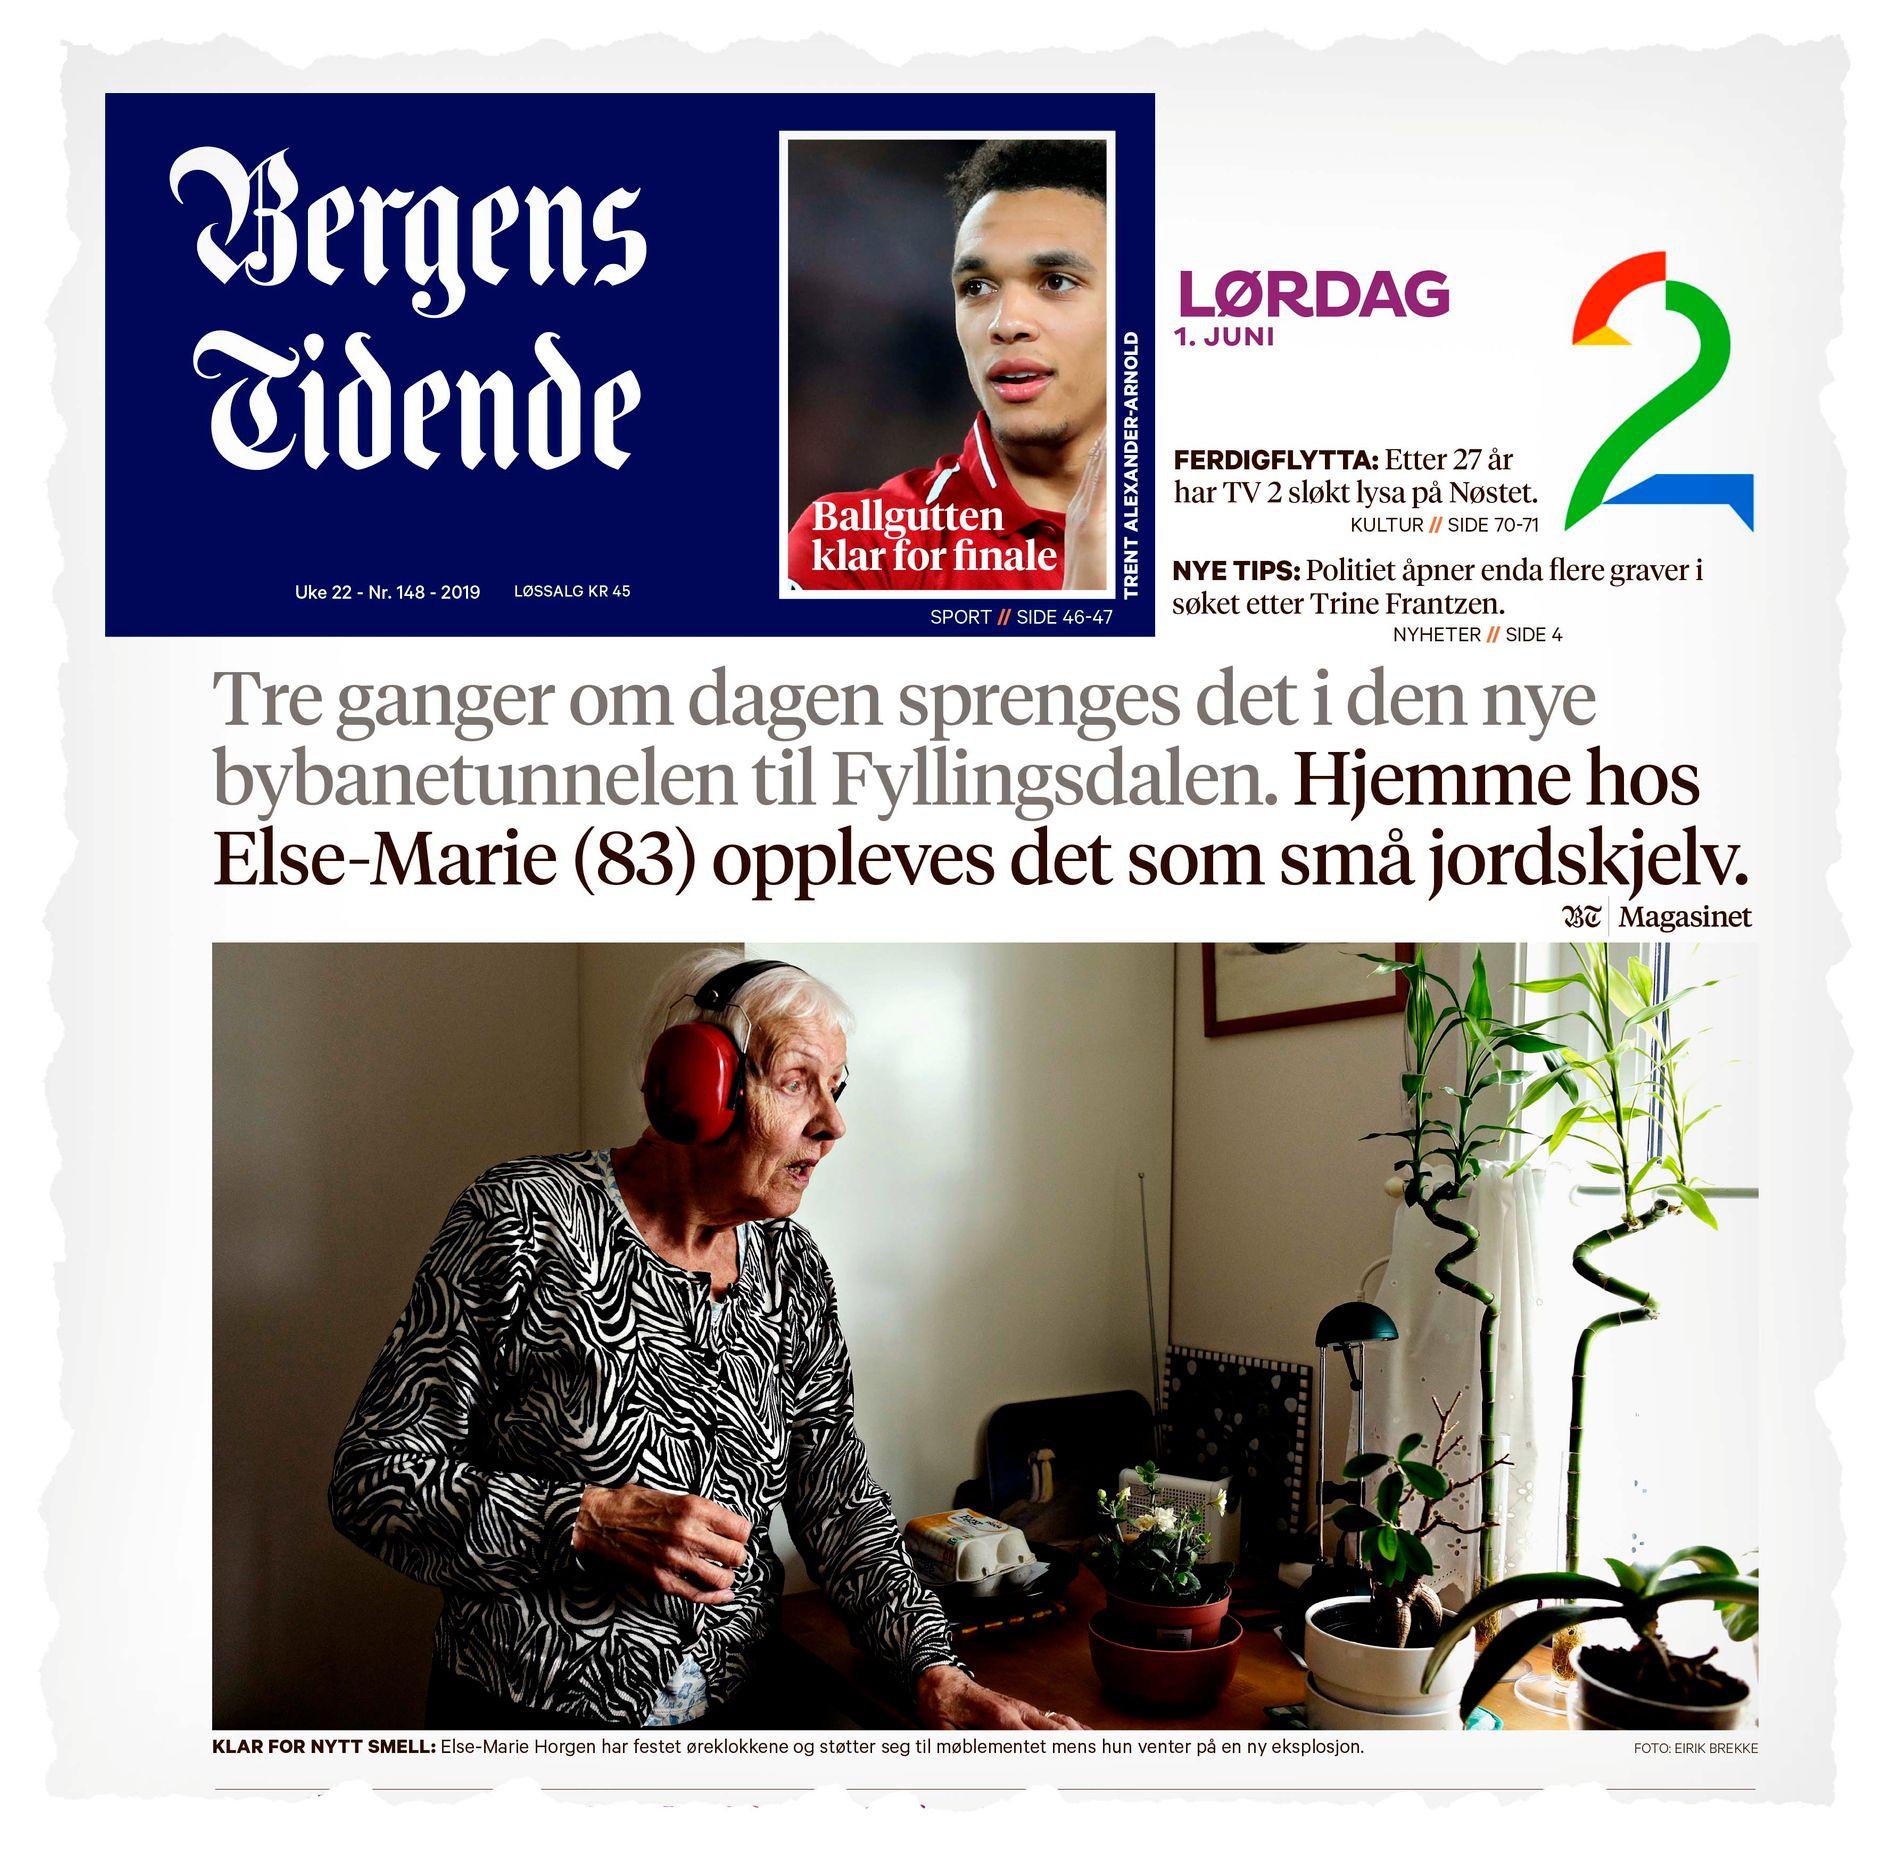 BAKGRUNNEN: Bergens Tidende publiserte 1. juni en stor reportasje om støyproblemene i Fyllingsdalen.